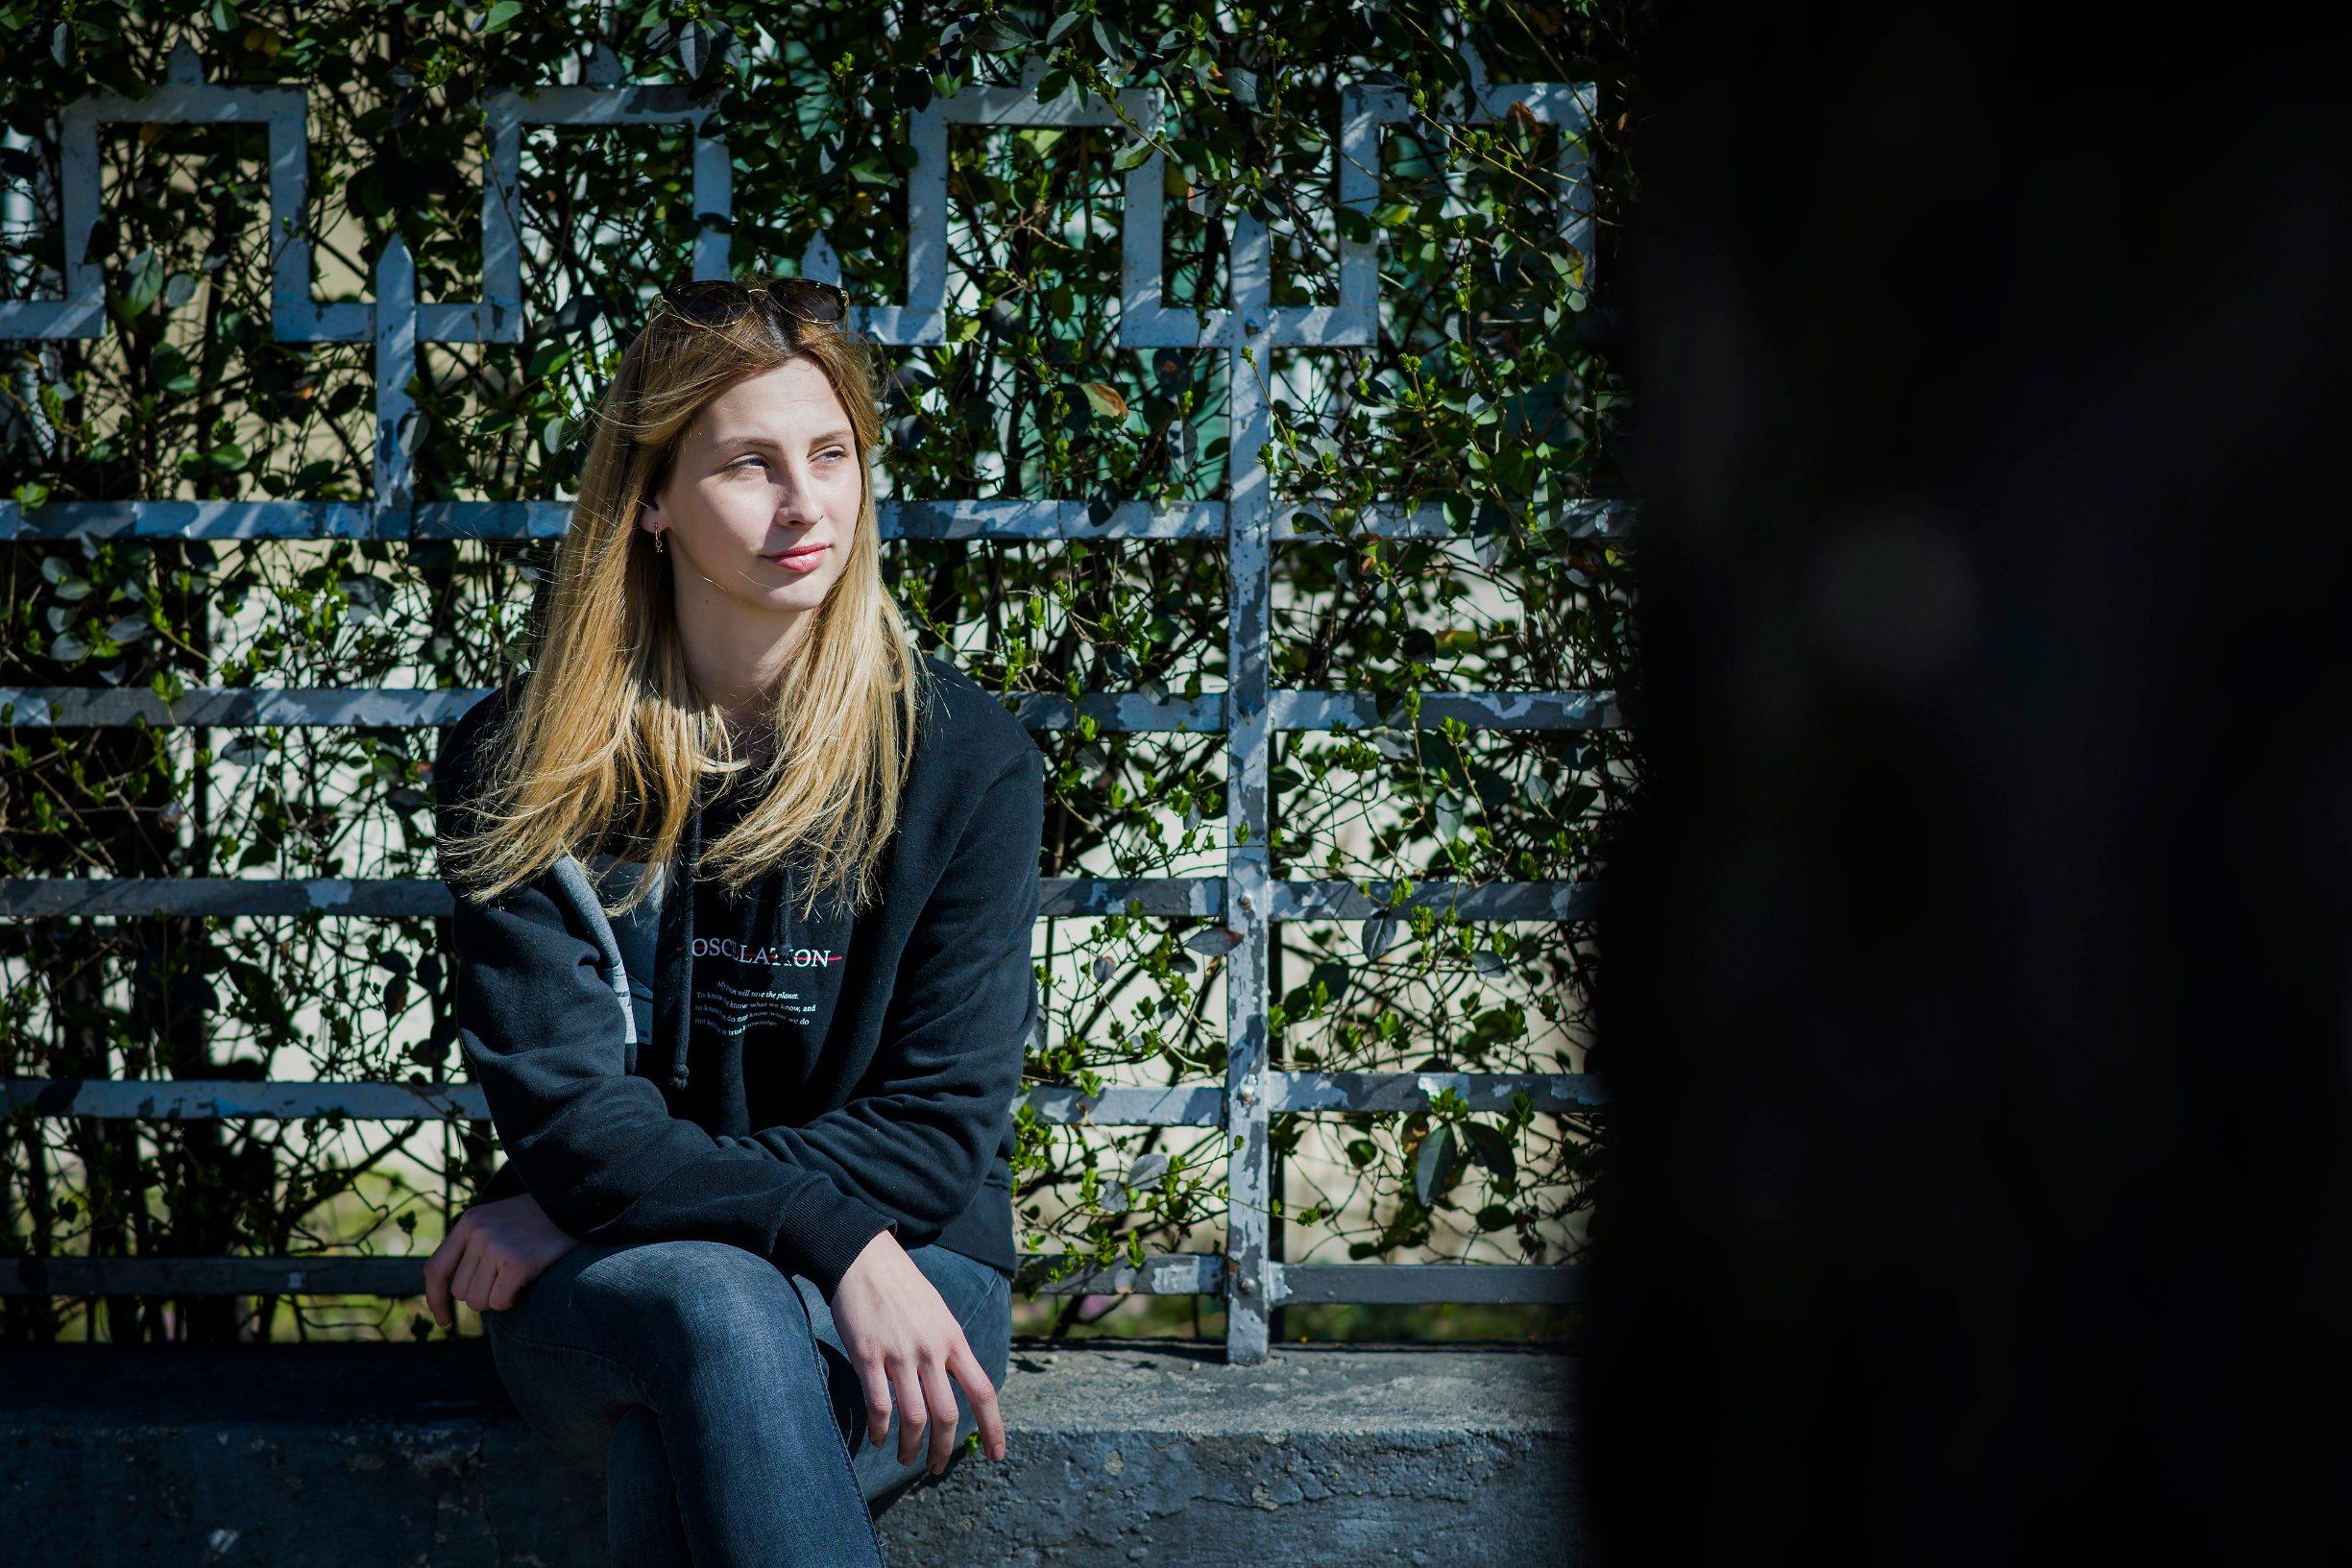 Zagreb, 140319. Laura Skala, 17-godisnja organizatorica prosvjeda srednjoskolaca : Globalni strajk ucenika za klimu. Foto: Neja Markicevic / CROPIX